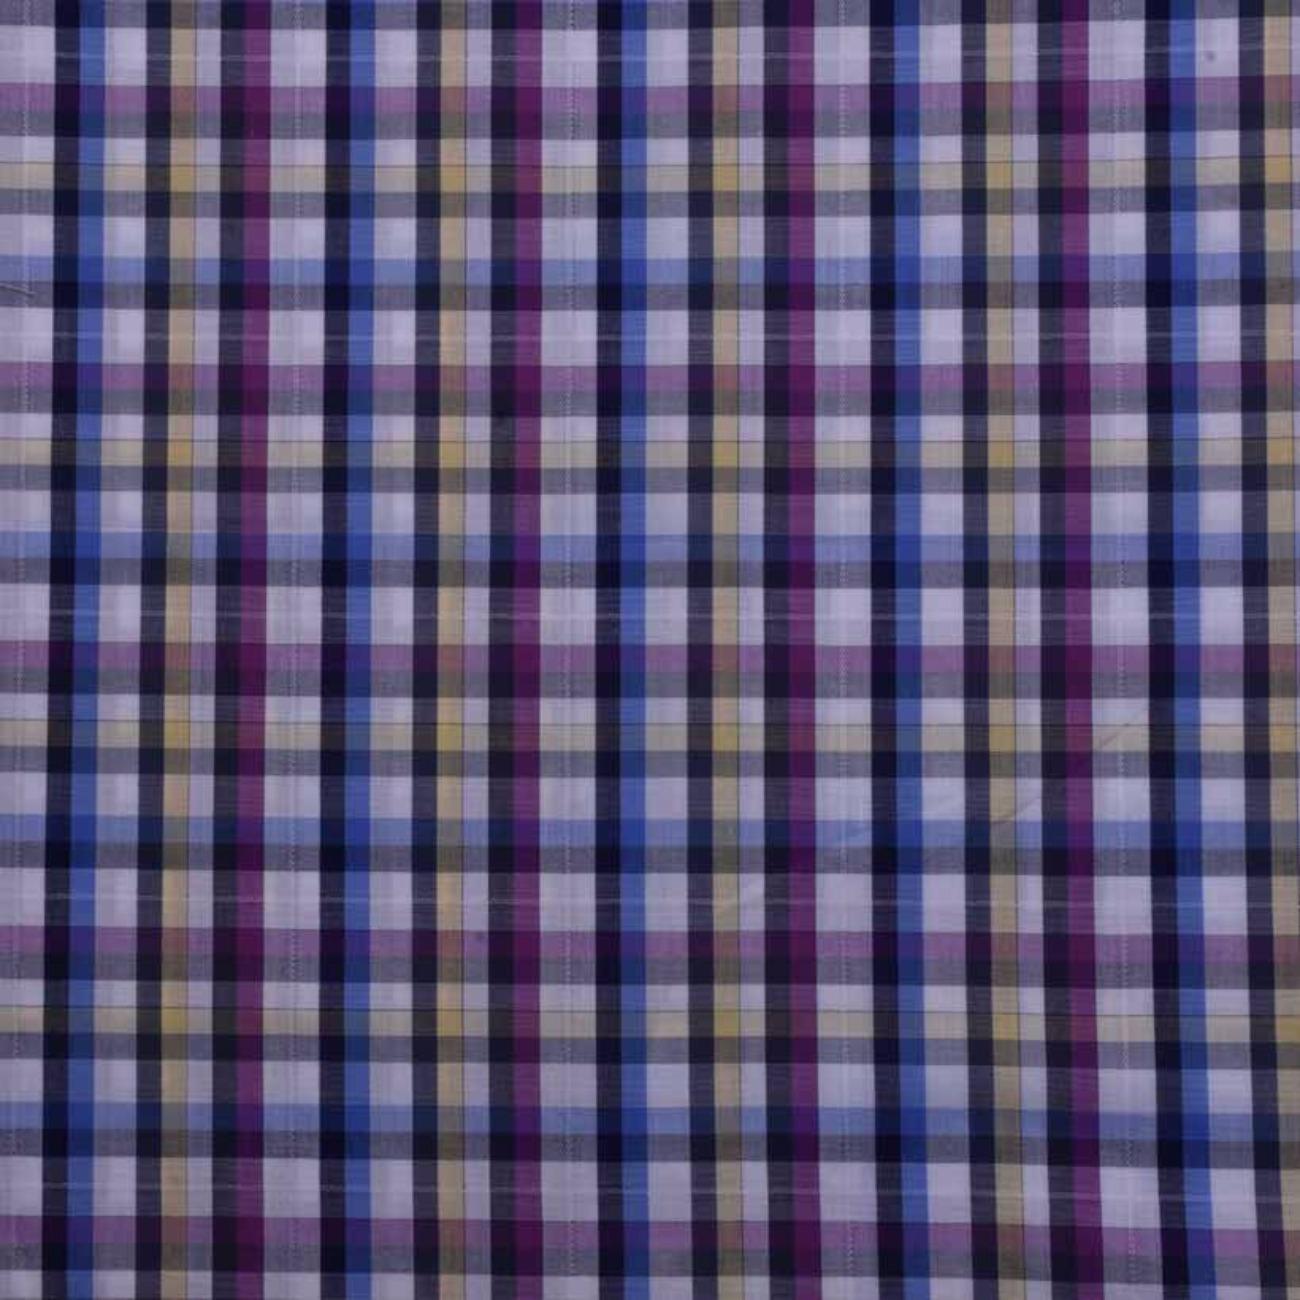 现货格子梭织色织低弹休闲时尚风格 衬衫 连衣裙 短裙 棉感 60929-29